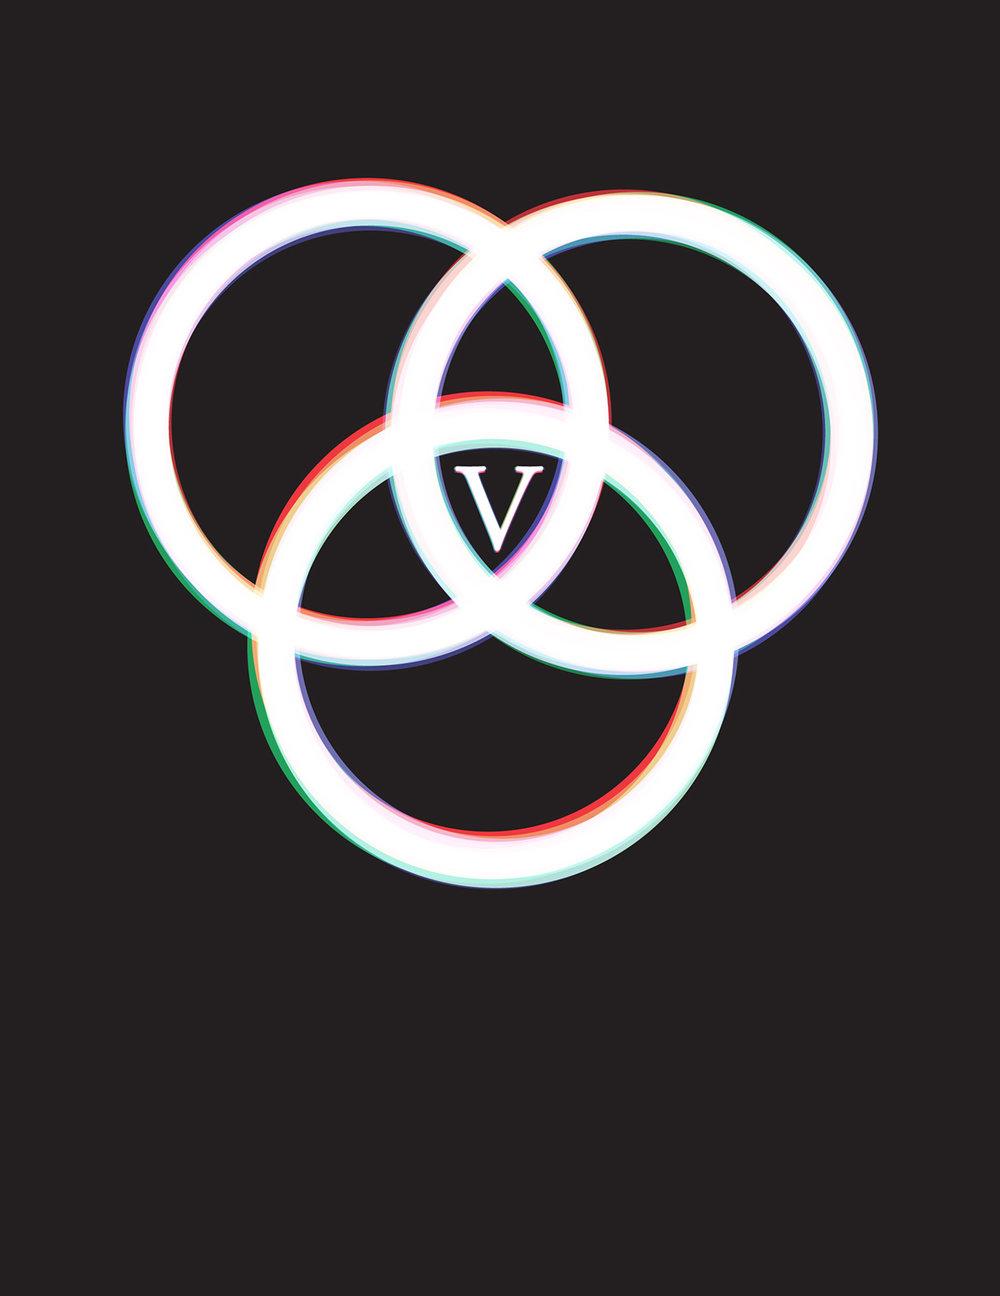 incircles_demo1.jpg